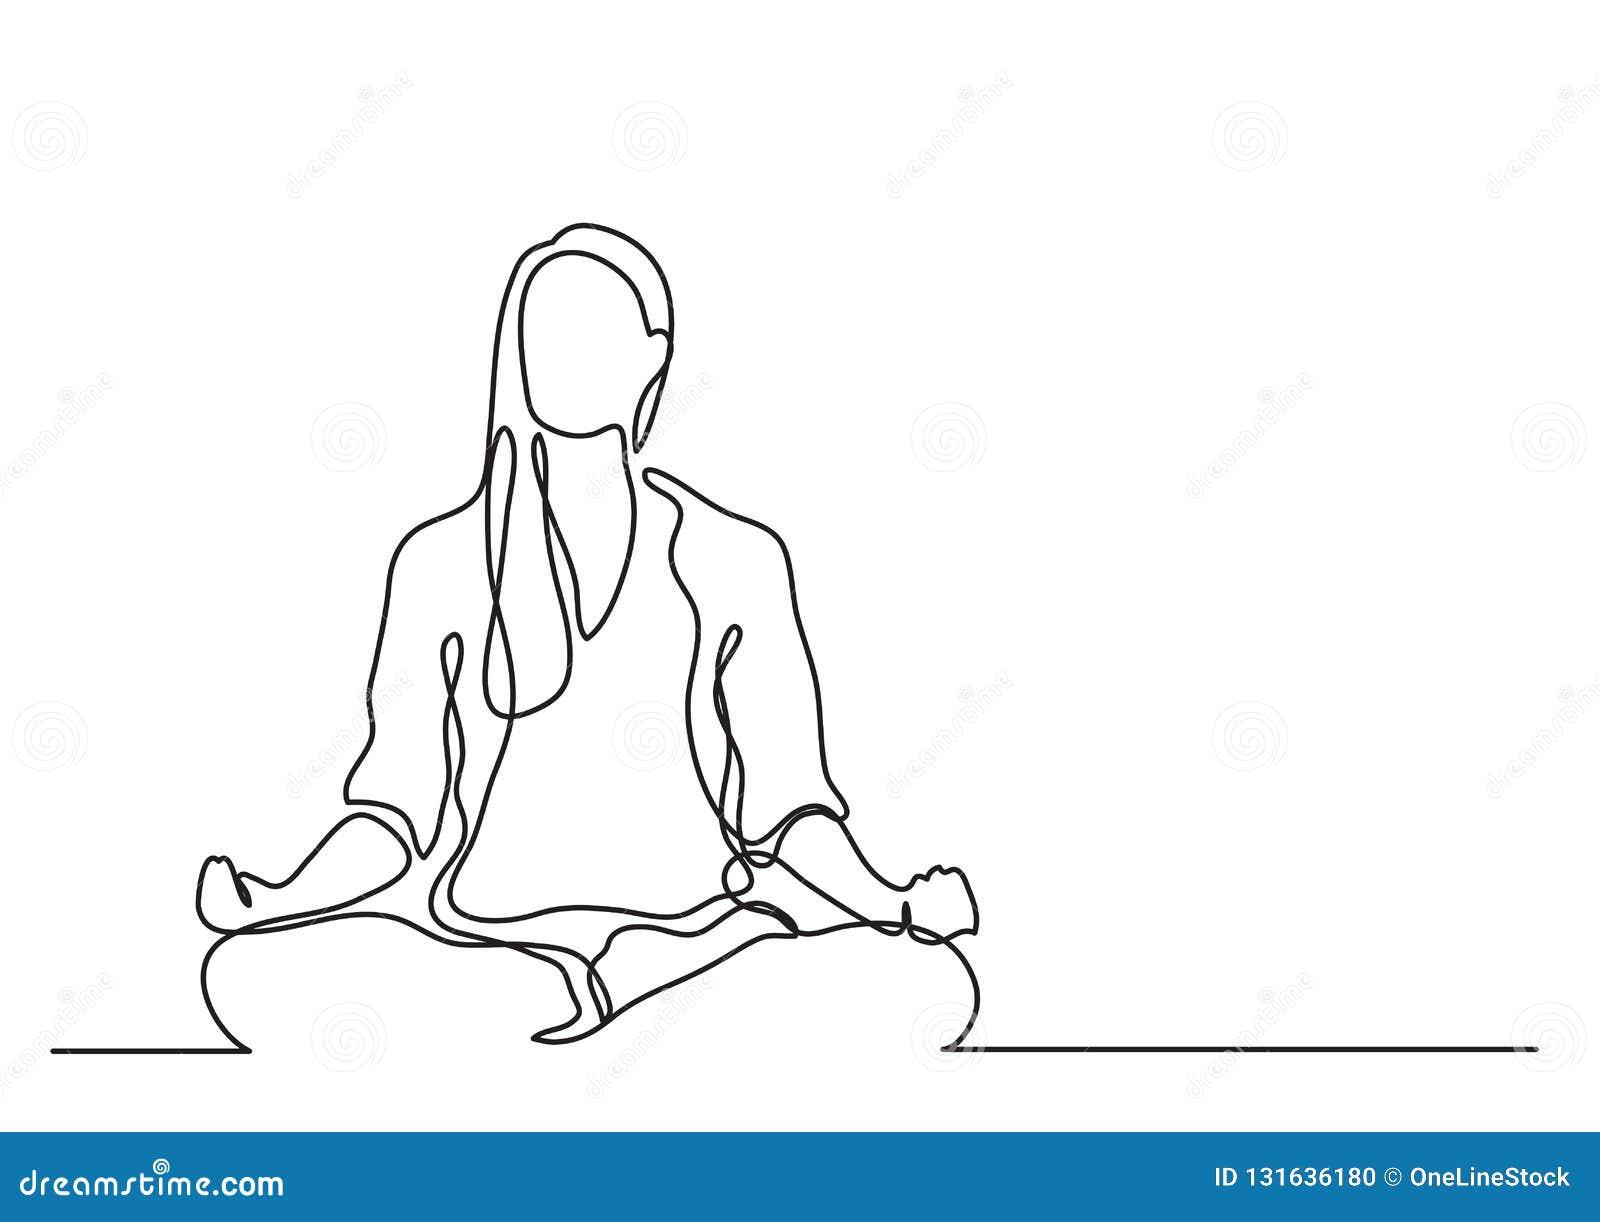 Donna che medita - disegno a tratteggio continuo